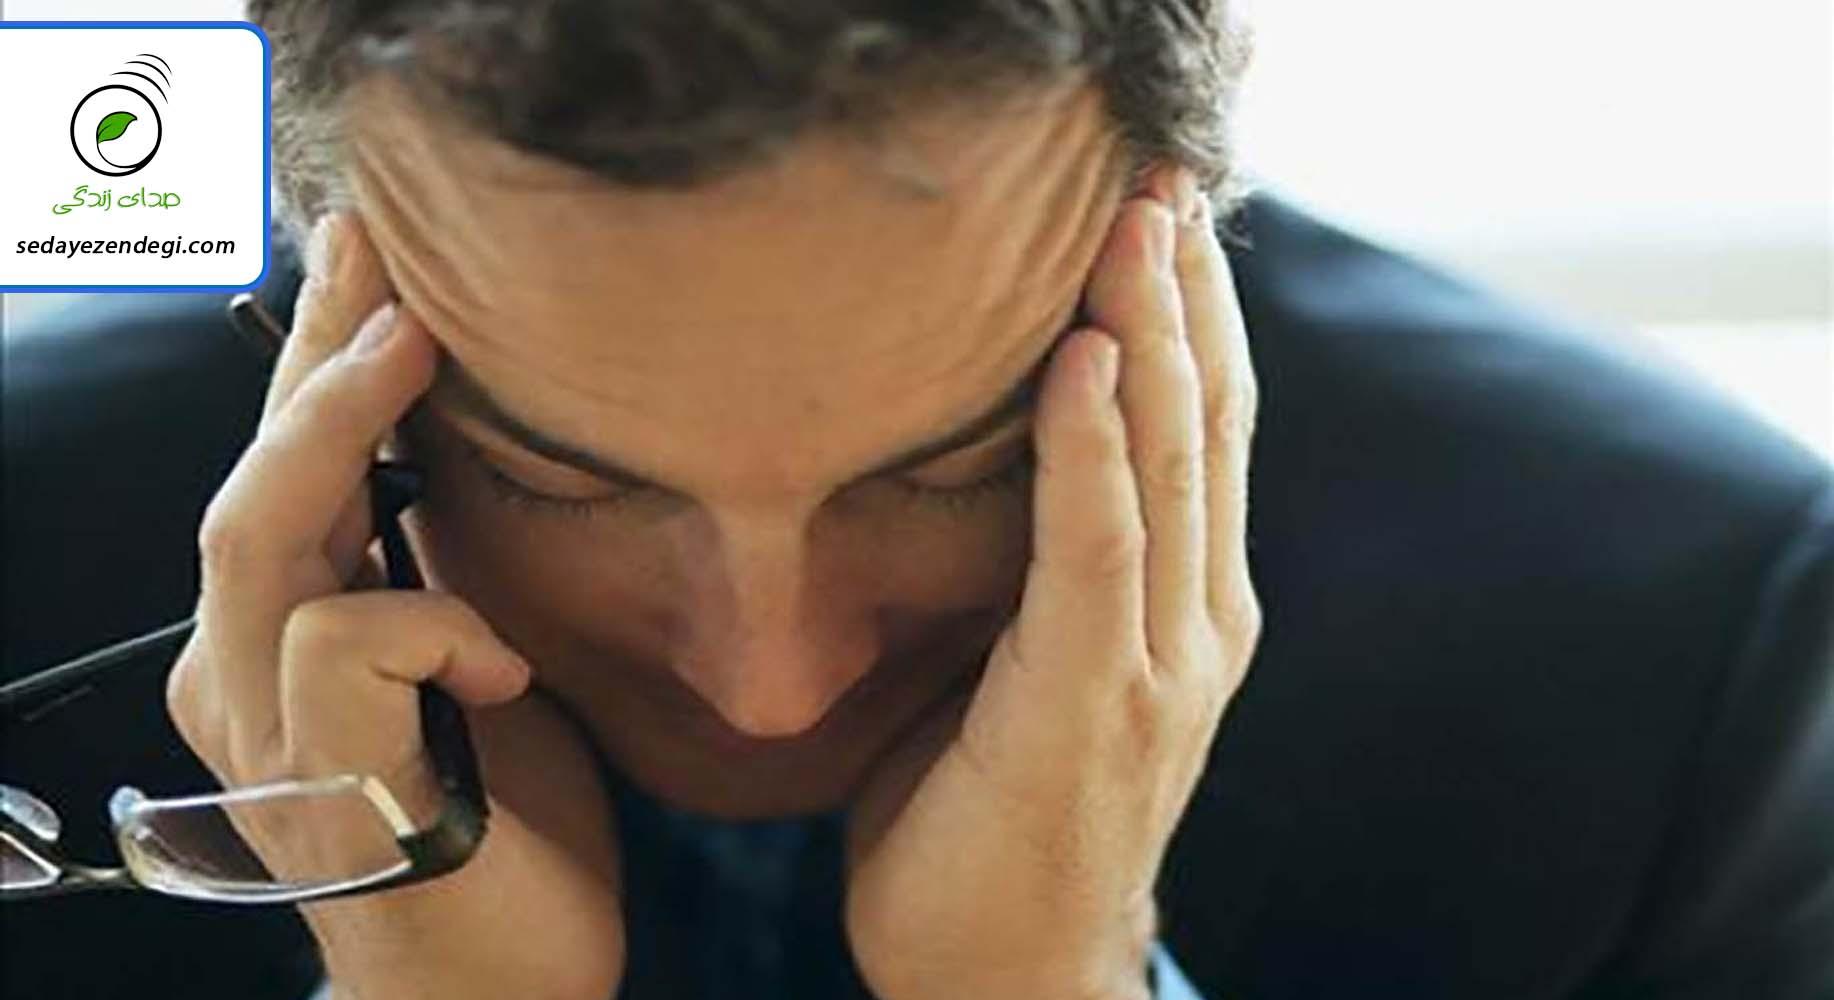 برای درمان قطعی افسردگی چه کارهایی را باید انجام داد؟